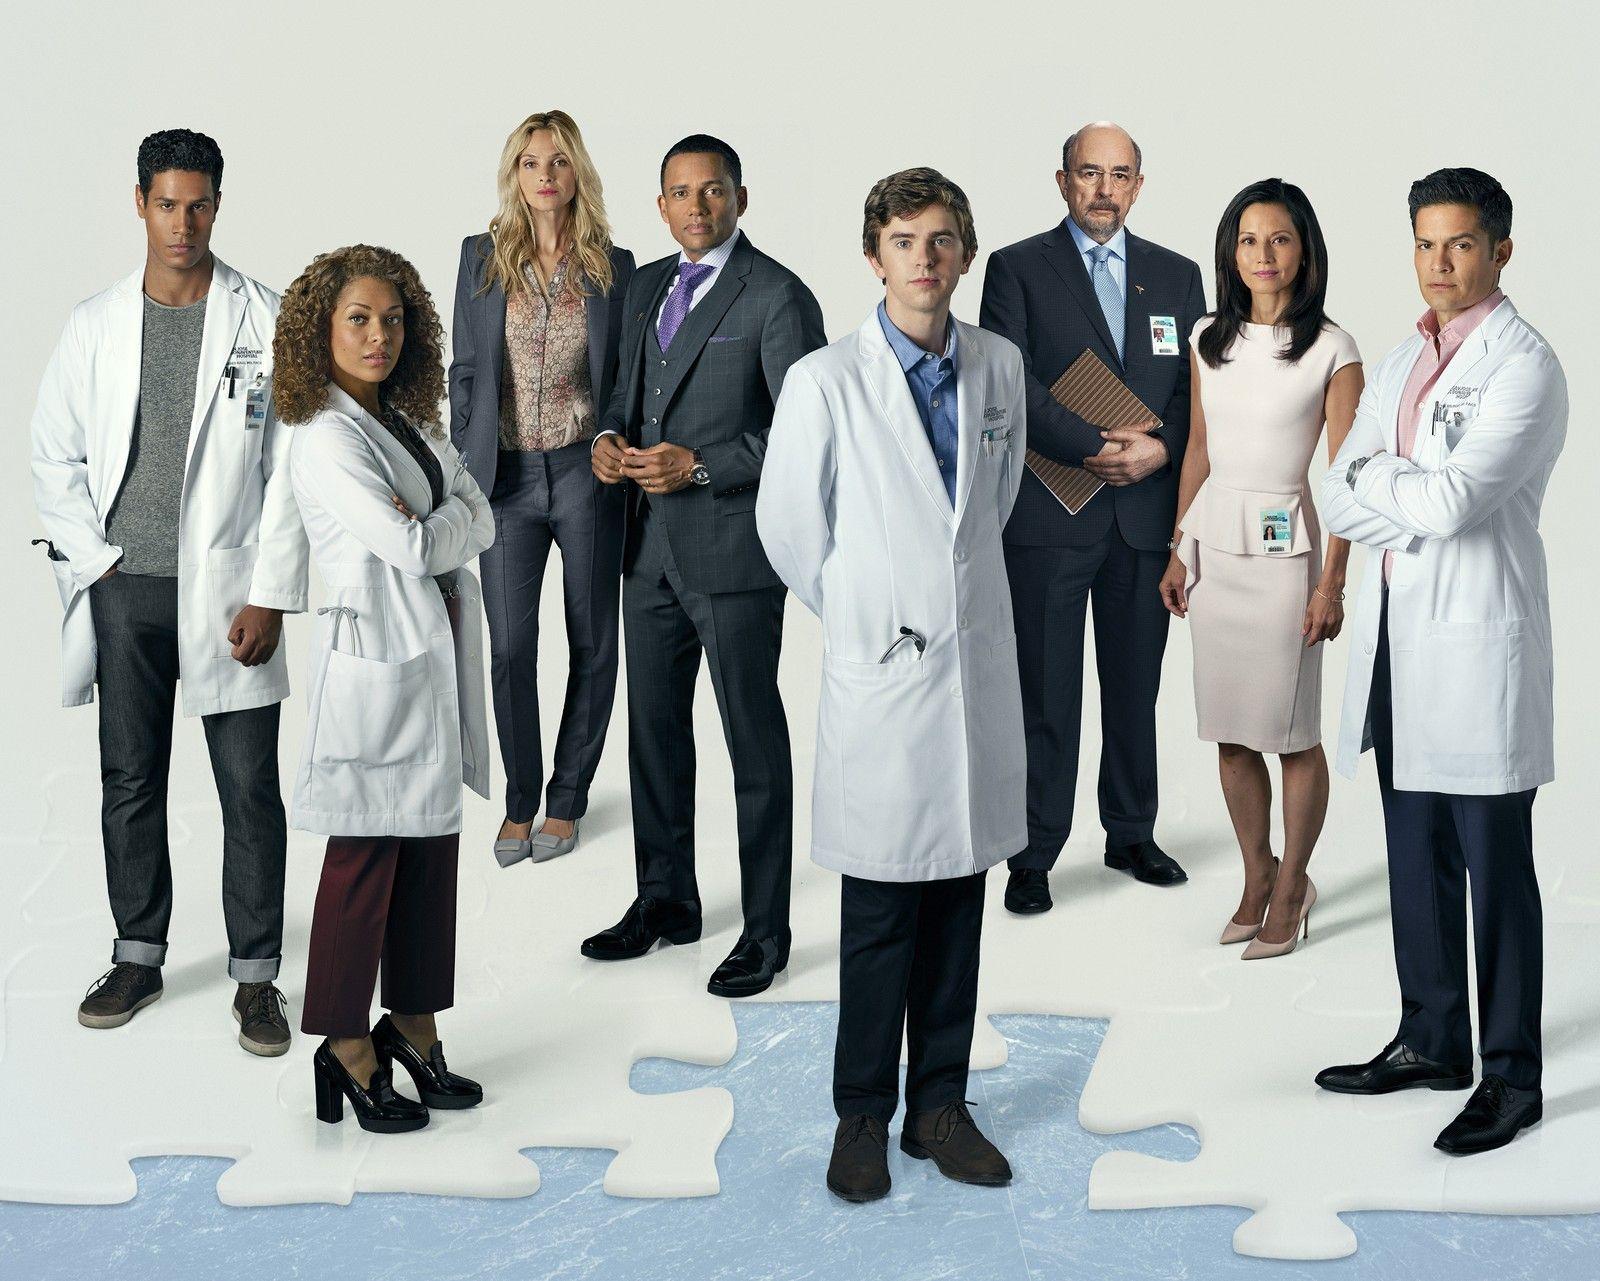 Personagens Da Serie The Good Doctor Foto Divulgacao Abc